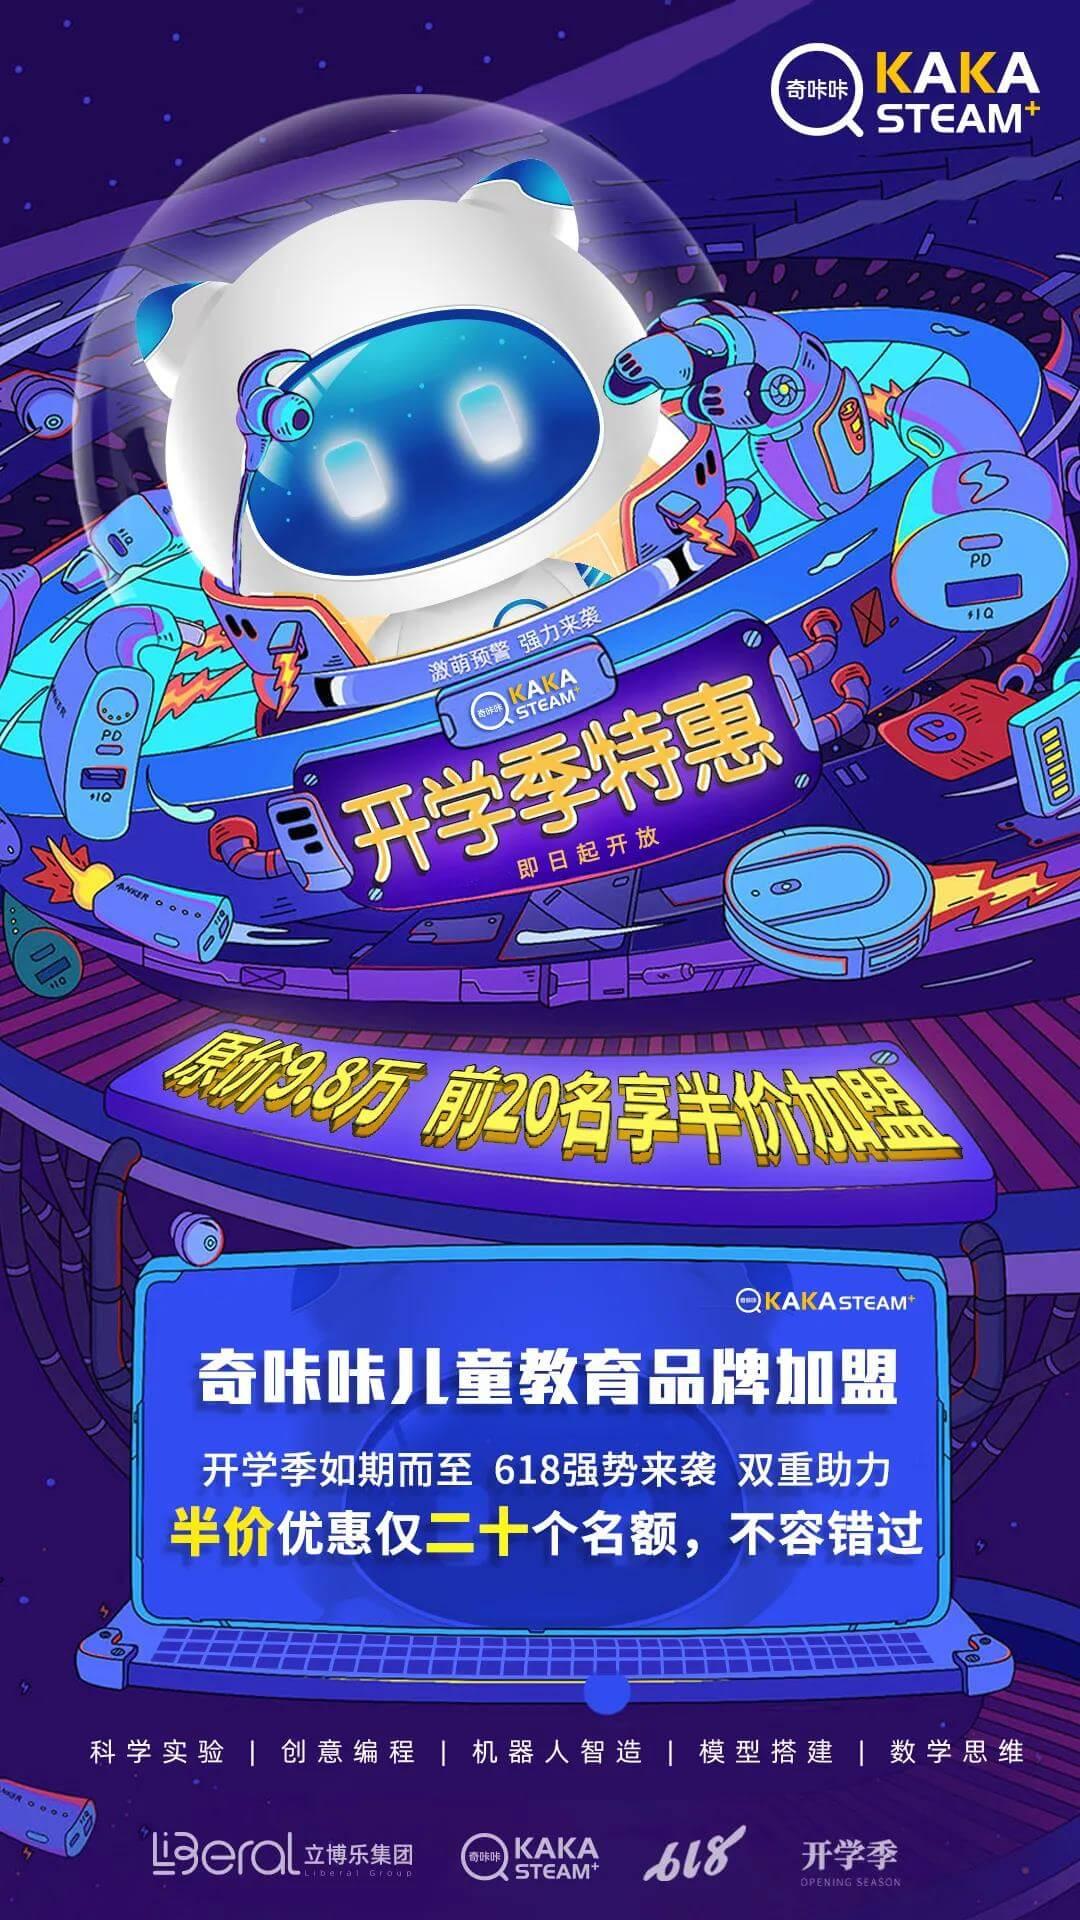 奇咔咔乐高机器人教育优惠活动